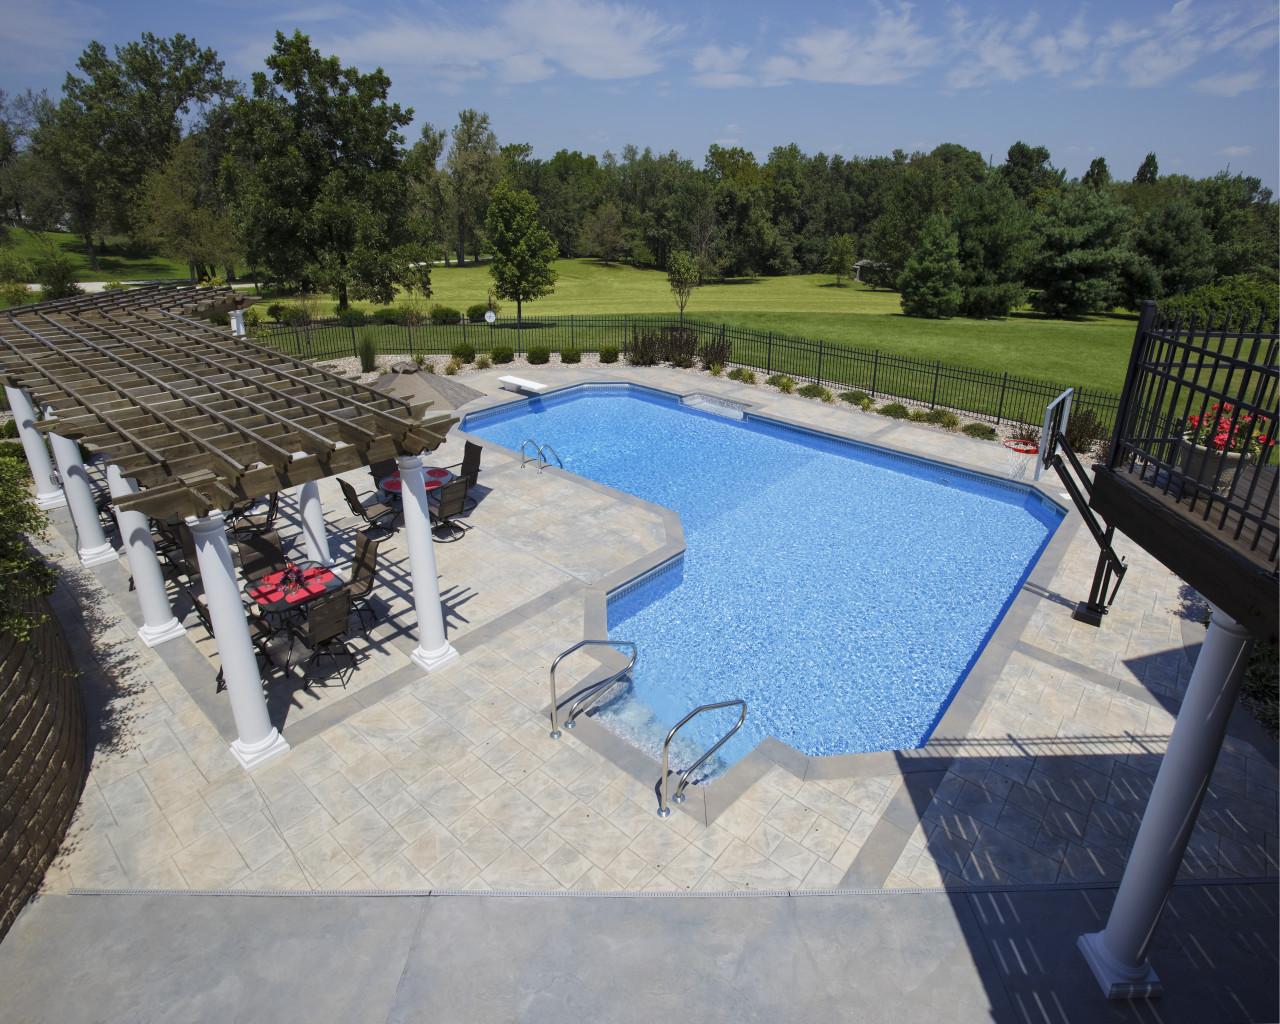 33 - Ell Pool